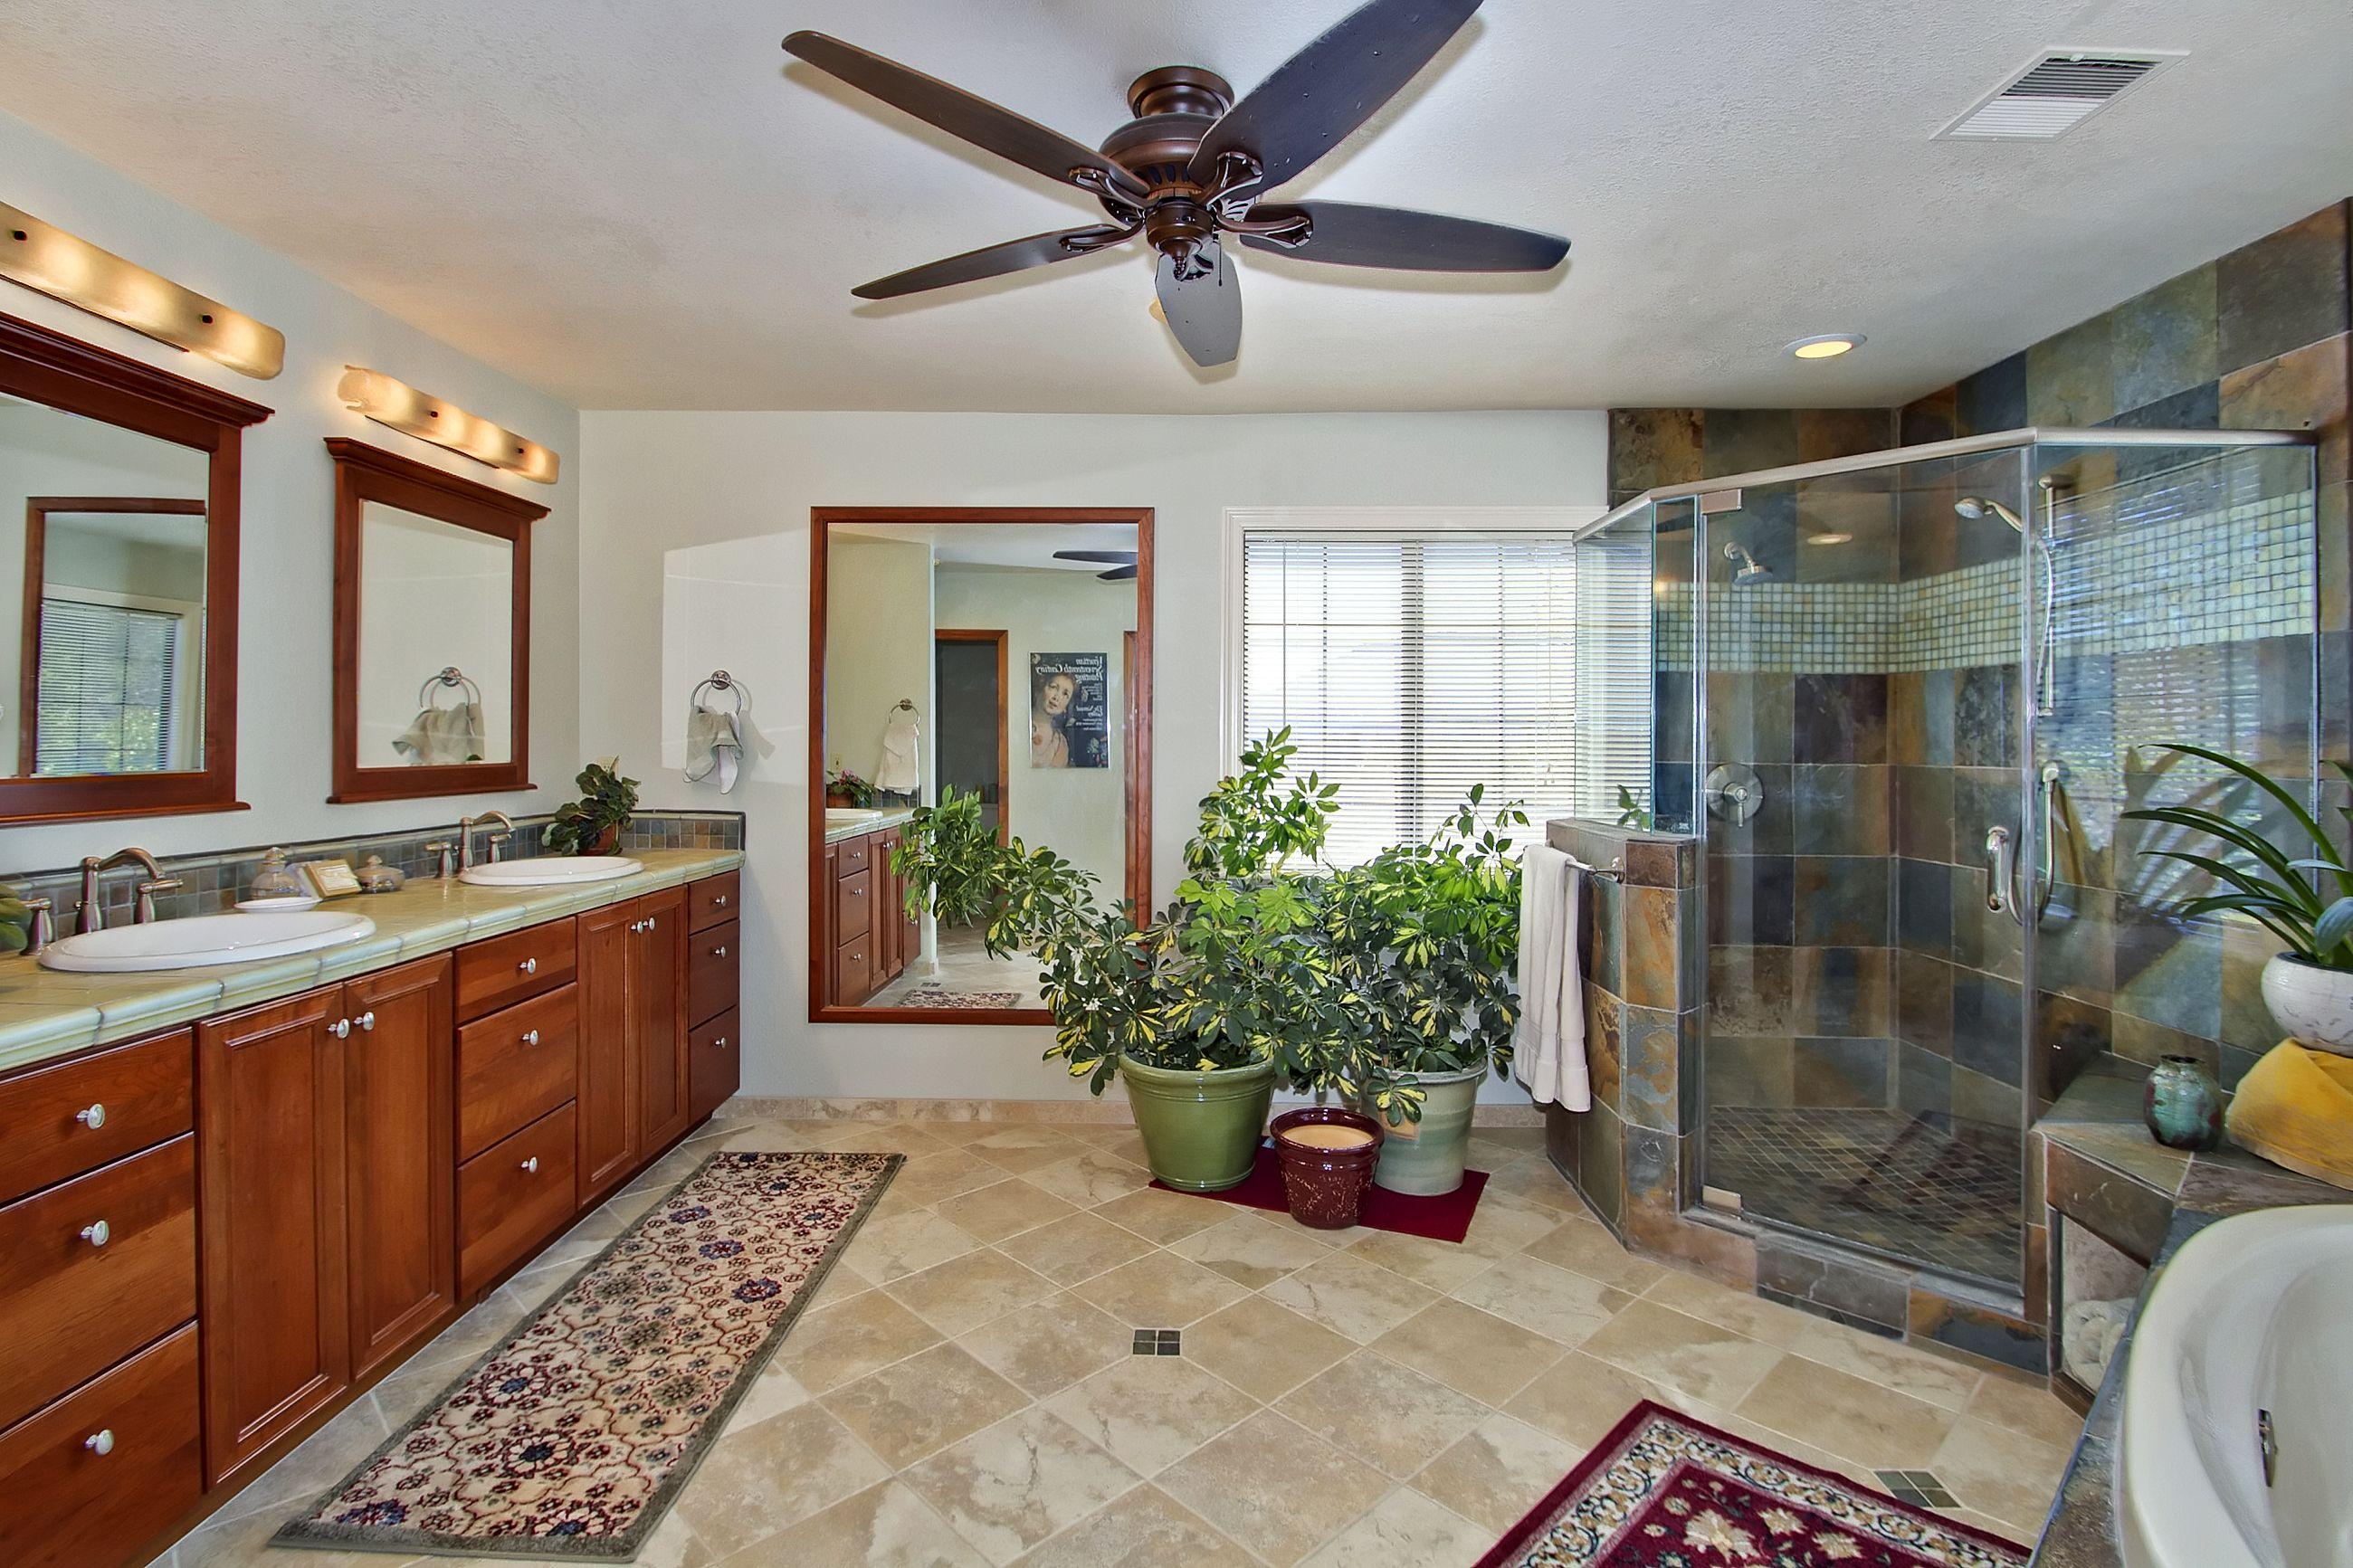 San Diego Bathroom Remodelwwwremodelworks  San Diego Delectable San Diego Bathroom Remodel Inspiration